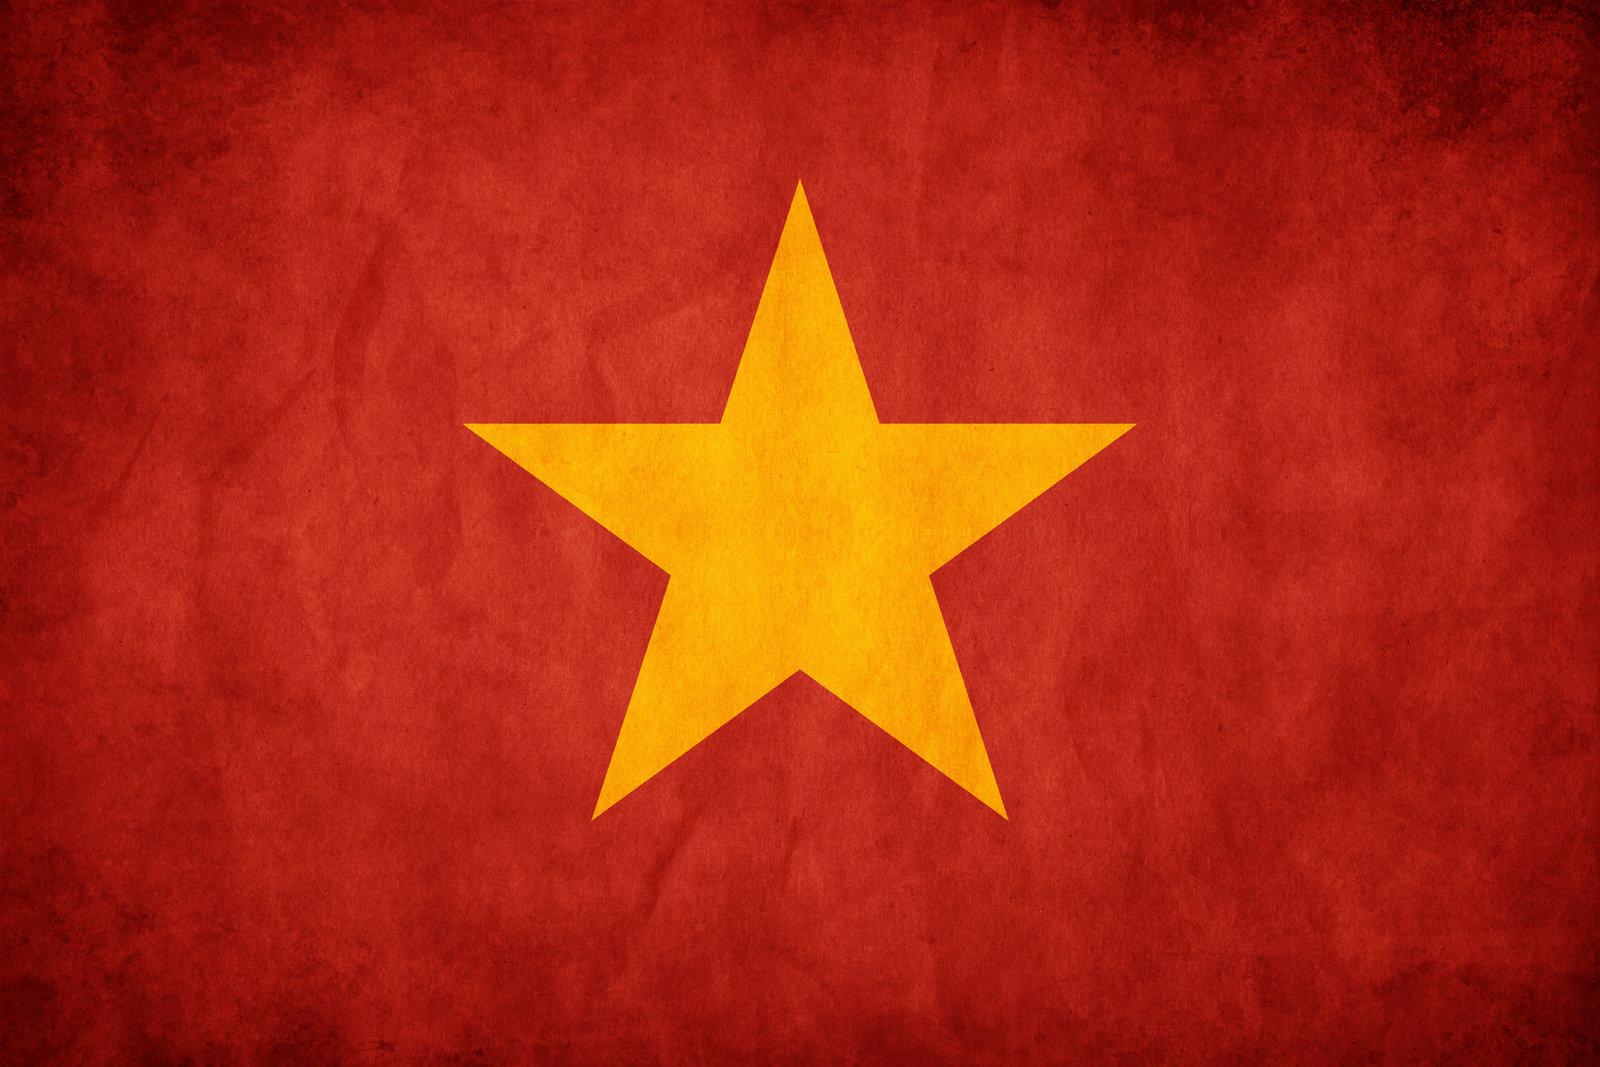 imagenes de banderas hd54 200 Imágenes de Banderas en HD (Wallpapers)